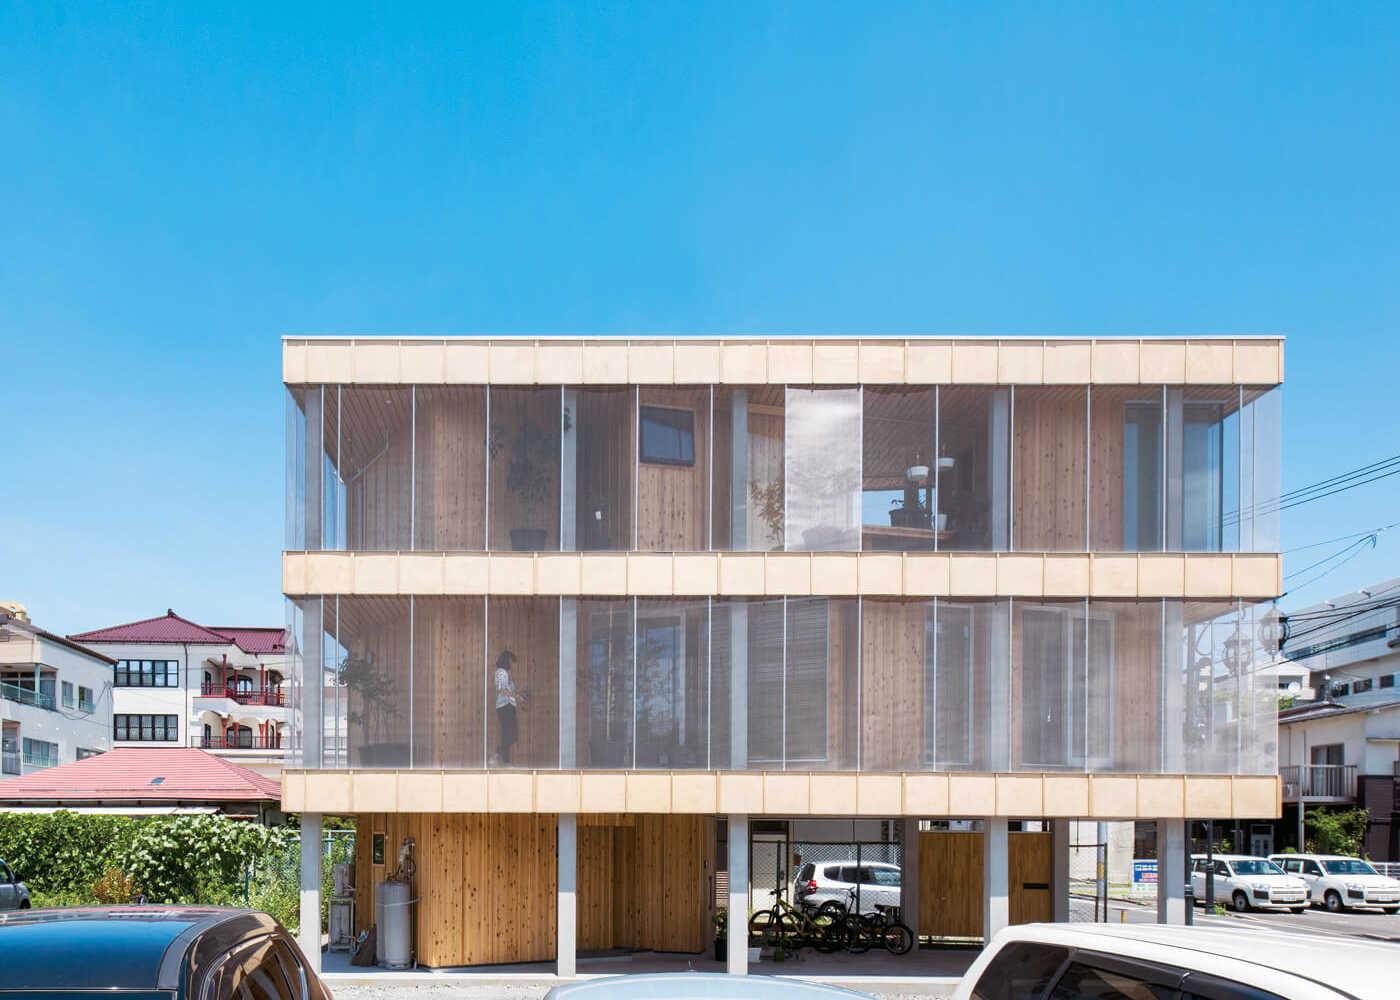 建物の南面。内部の木質感とは異なる印象。街中の住宅地にあっても、周囲とほどよい距離感を保つ